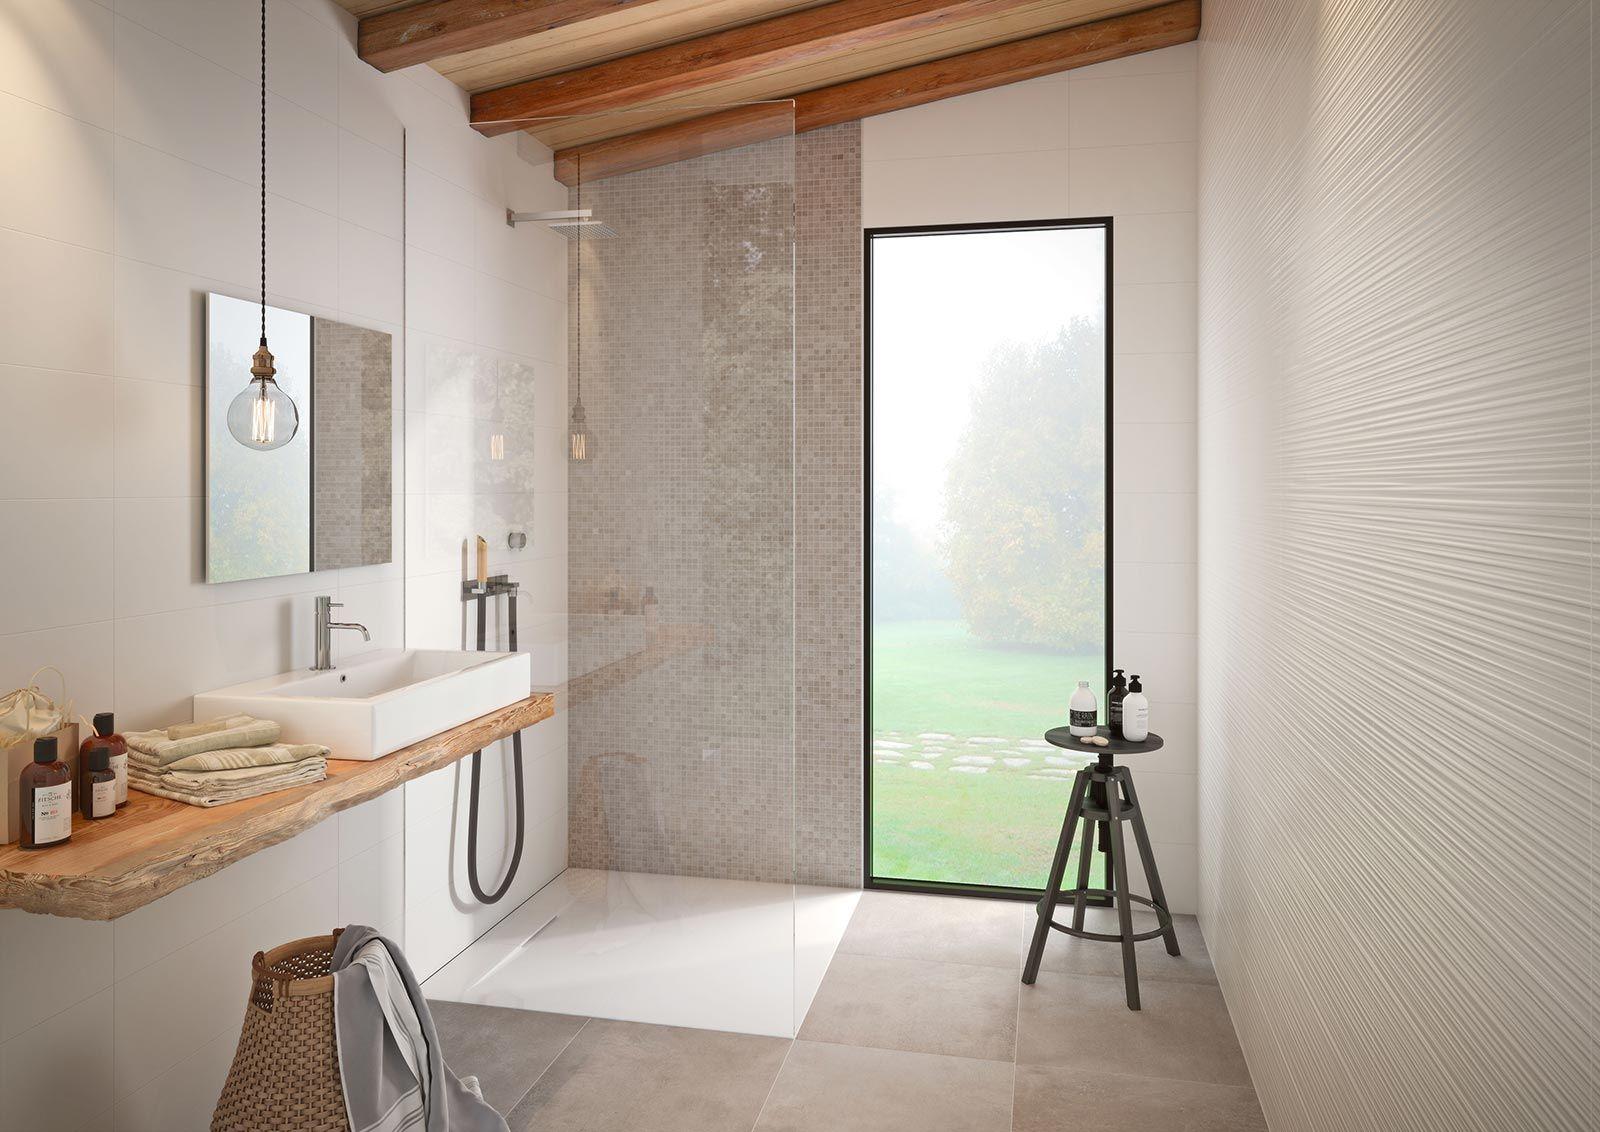 fliesen für das bad marazzi bad bathroom tiling